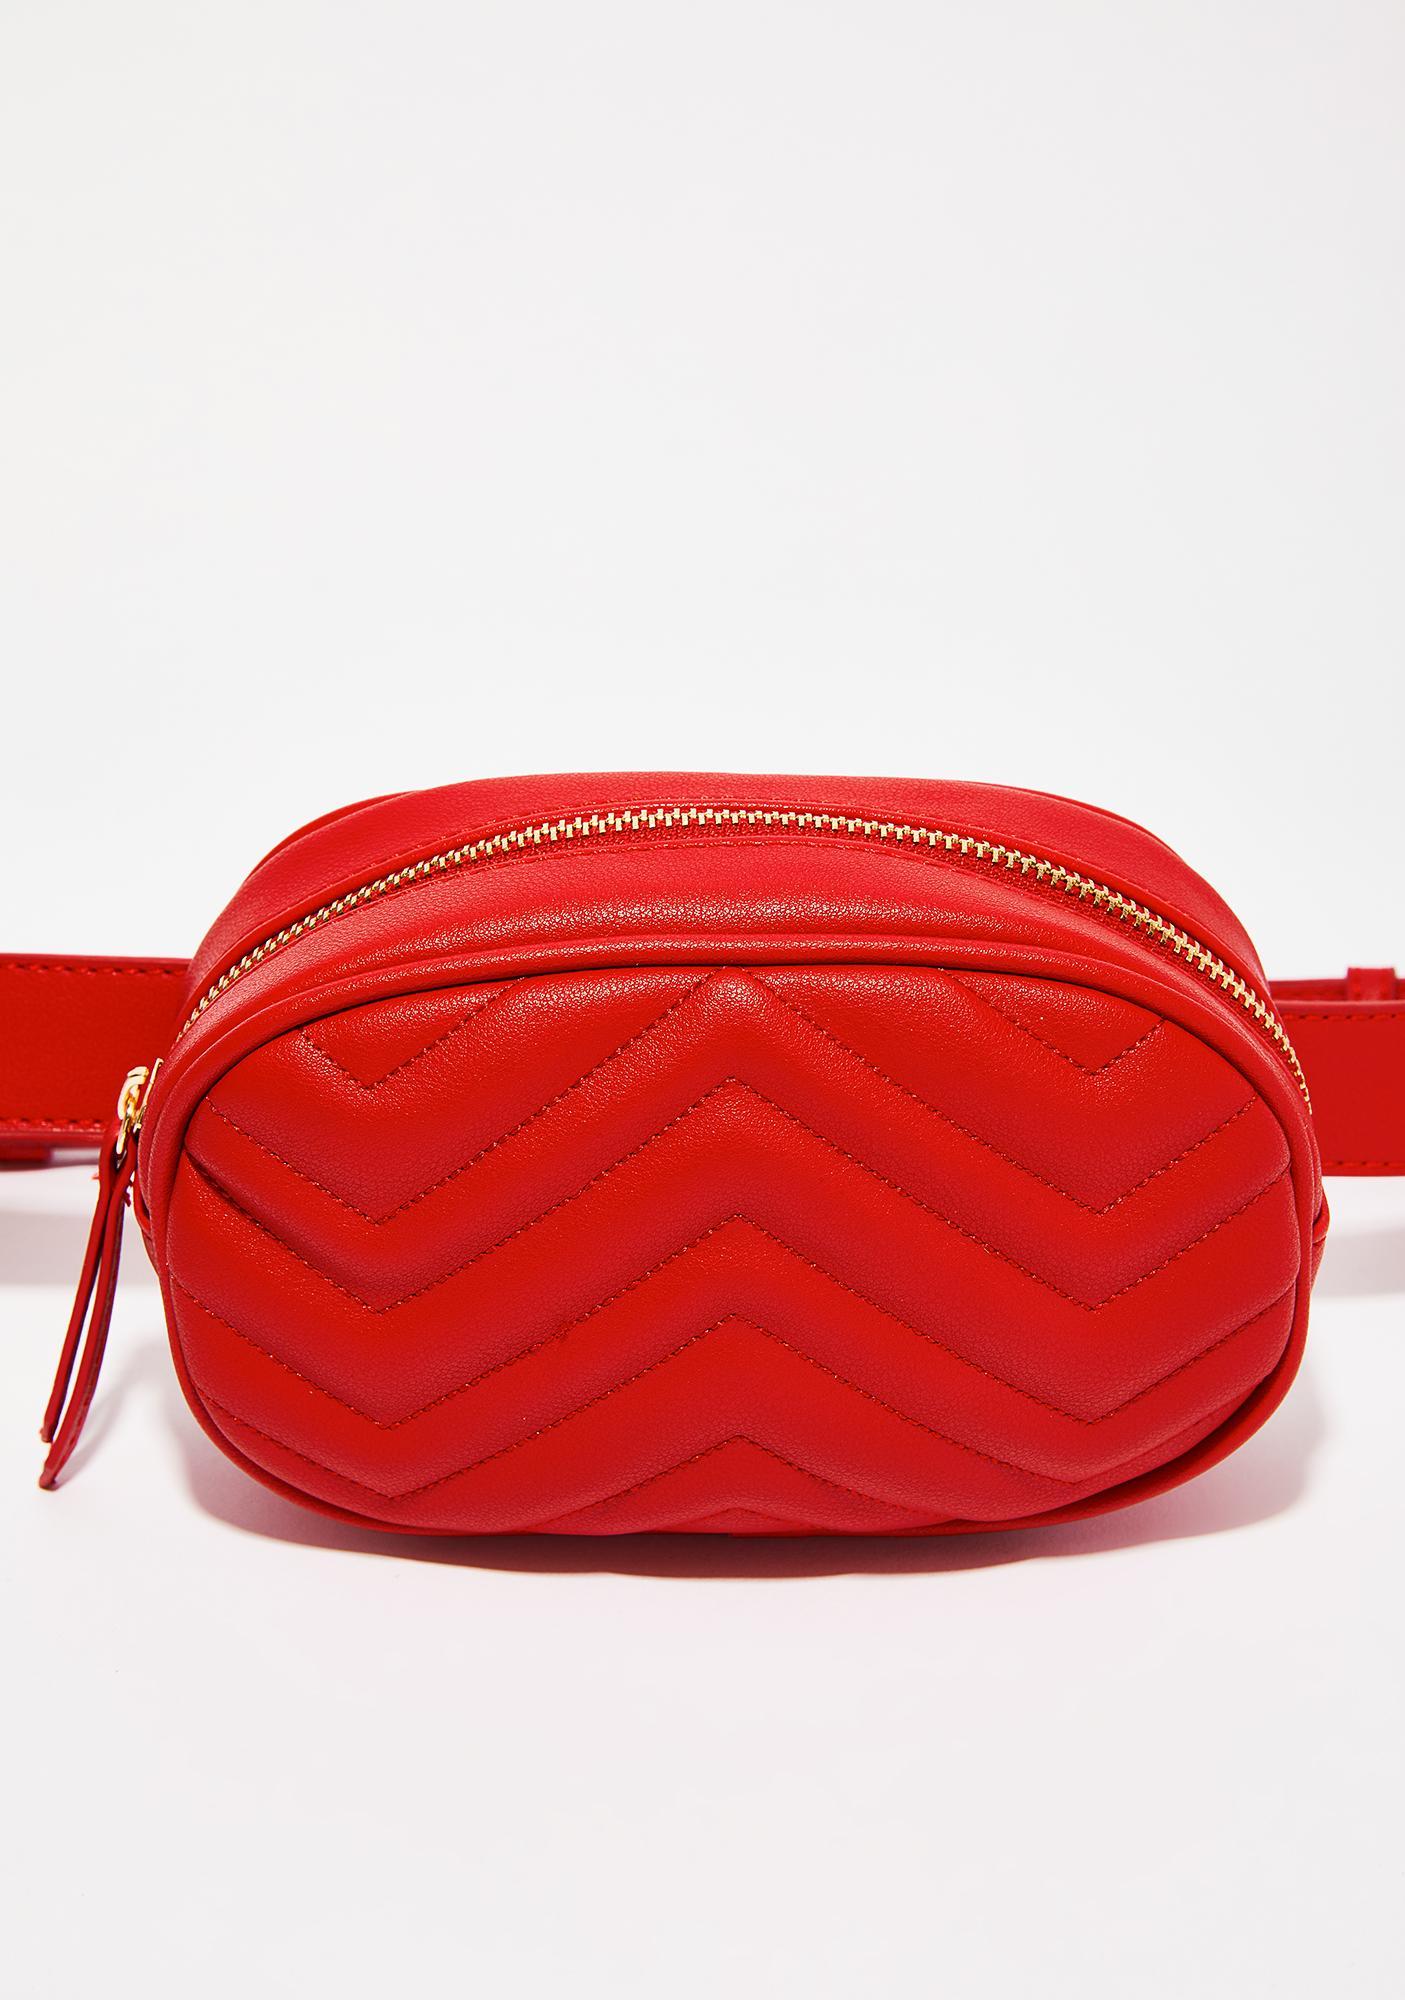 Backstage Pass Belt Bag